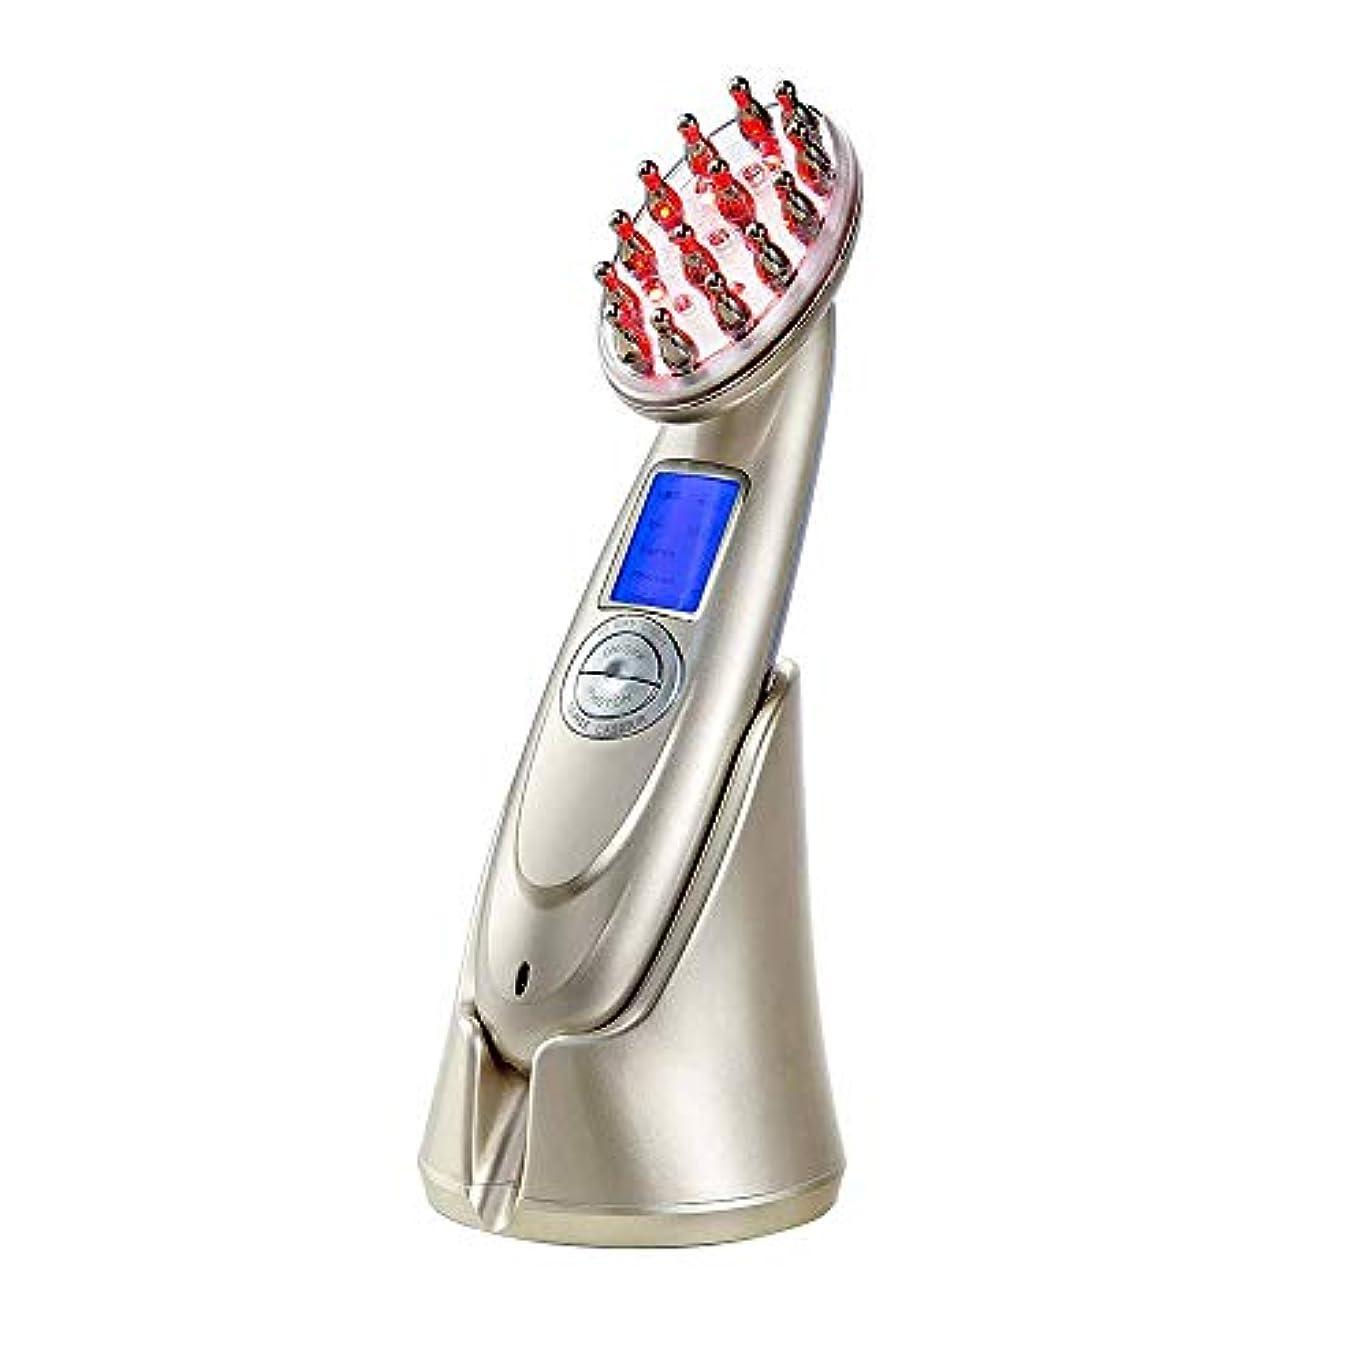 即席偽装する周囲髪の成長櫛電気抗毛損失治療マッサージヘア再生ブラシ無線周波数職業 EMS Led フォトンライトセラピー櫛